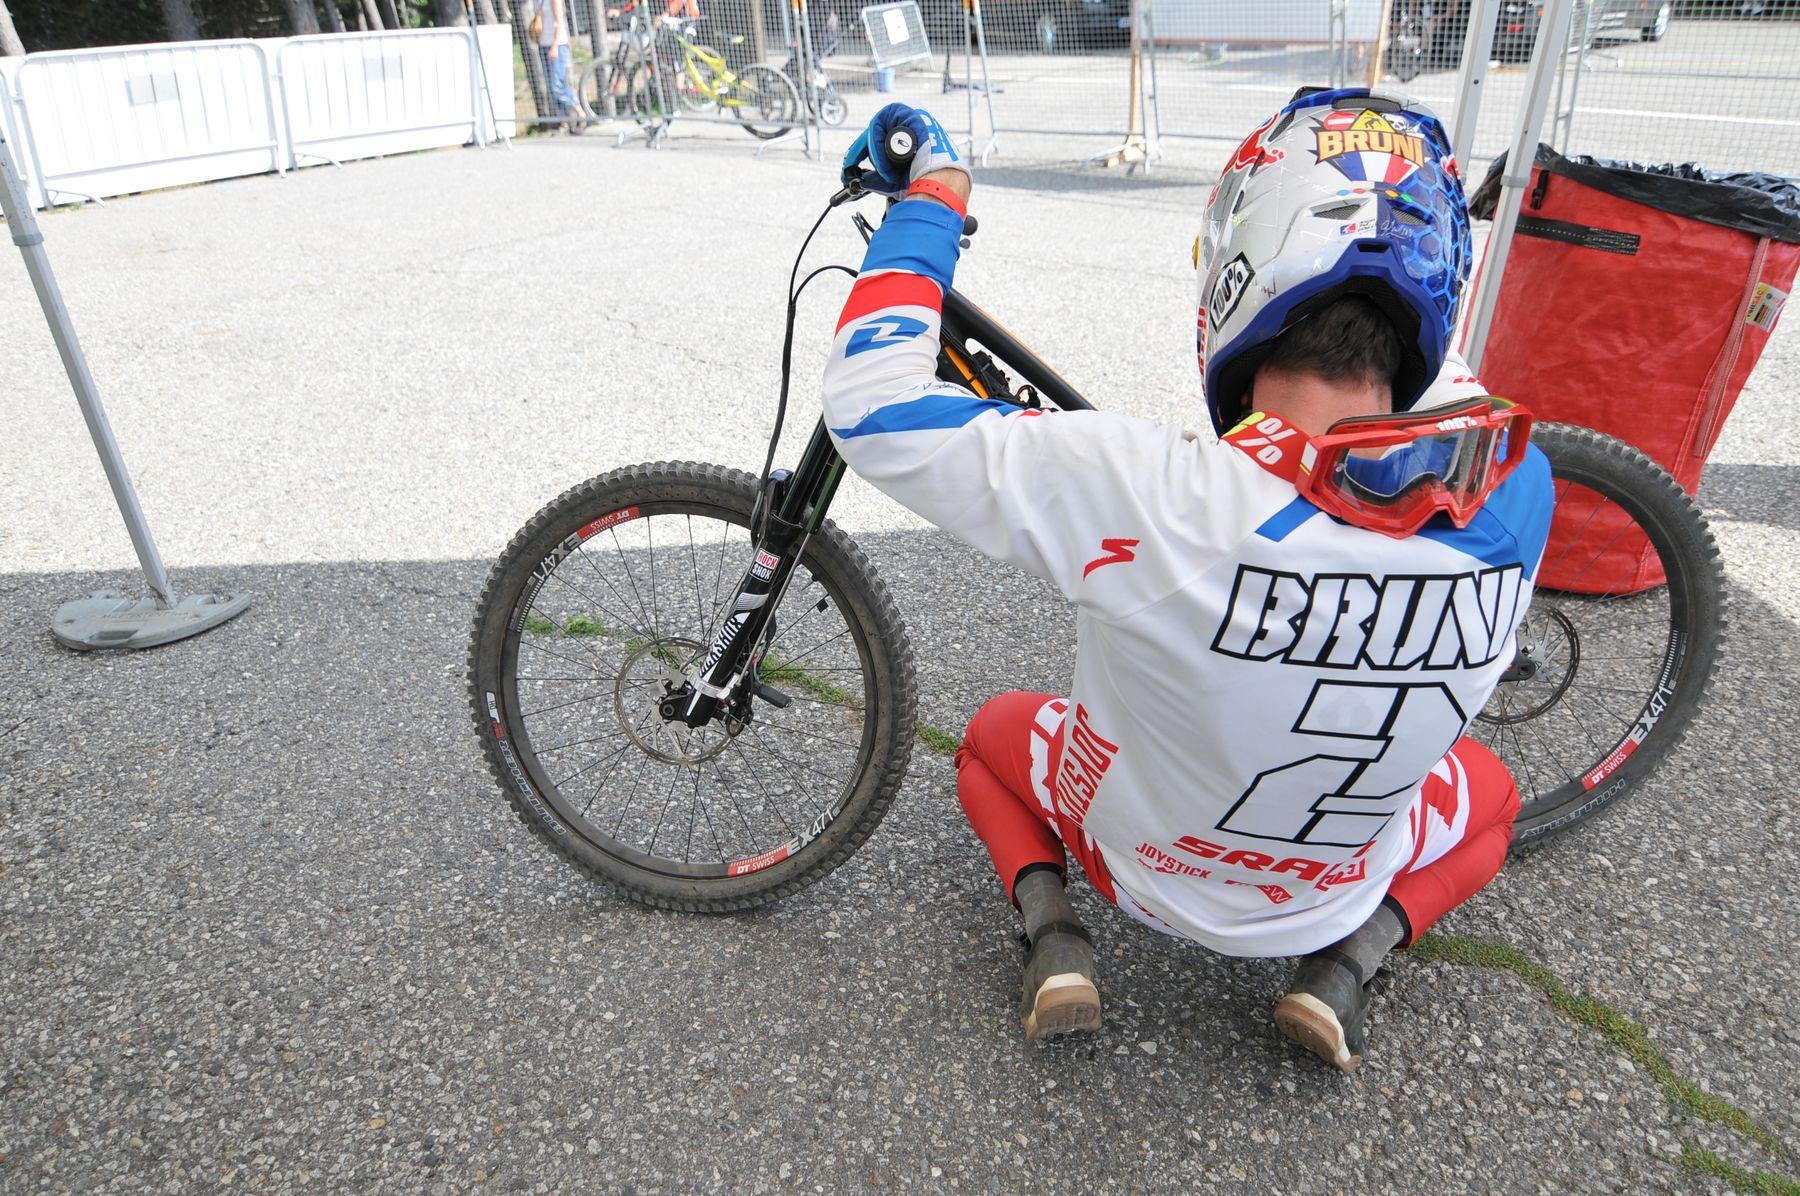 Loic Bruni en su última carrera antes de defender su título de Campeón del Mundo. En Vallnord lo logró y en Vallnord lo lucirá por última vez antes de Val di Sole. Bruni estuvo bajando con un sistema de telemetría en su bicicleta durante todos los entrenamientos.